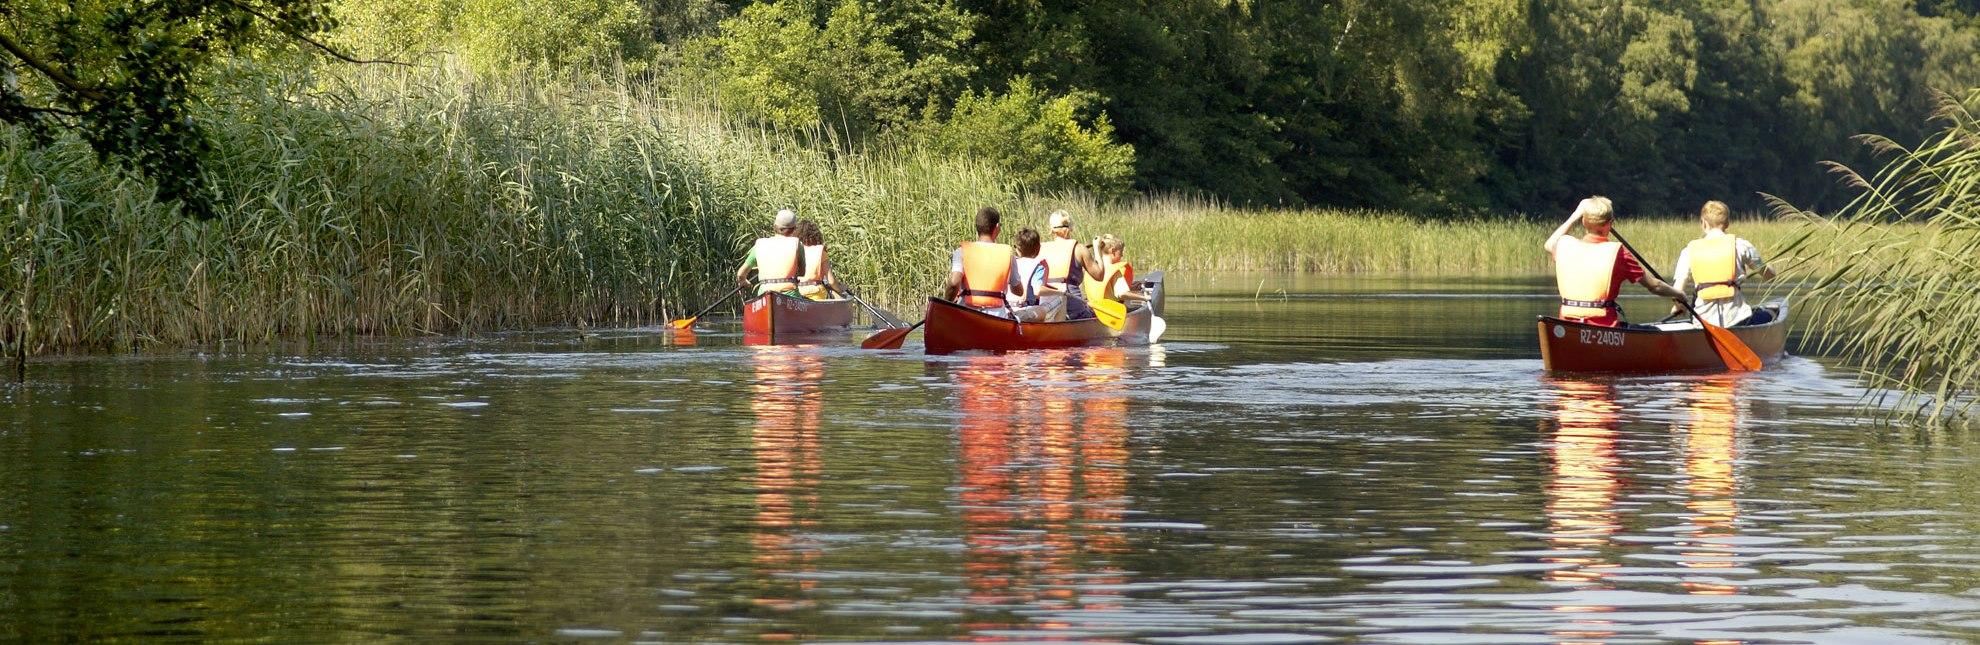 Auf dem Weg zum Schaalsee reihen sich mehrere Seen aneinander., © photocompany GmbH / HLMS GmbH